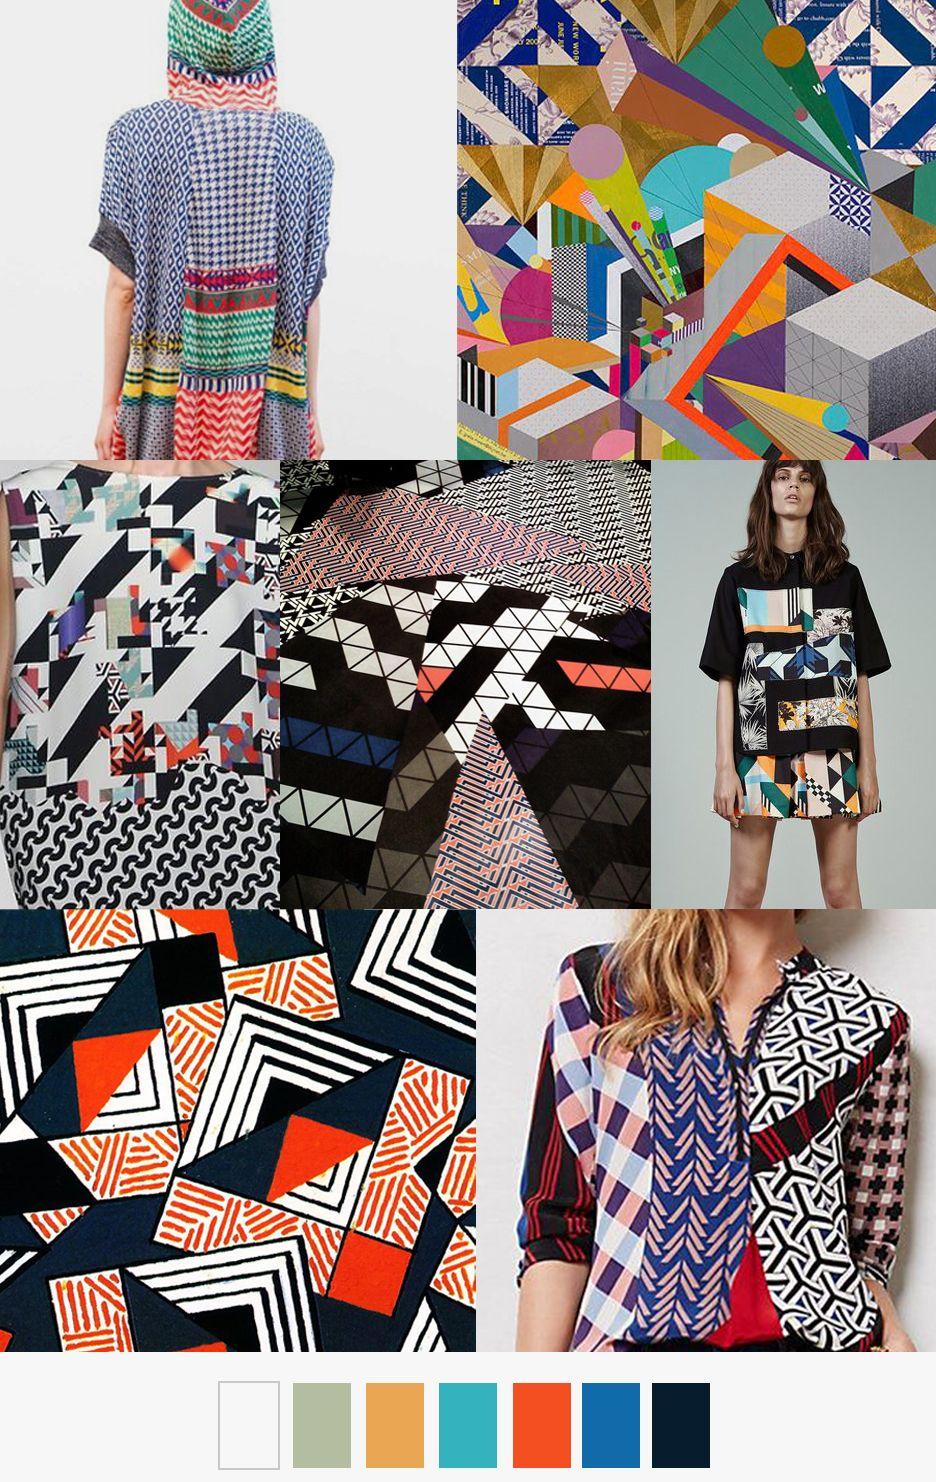 ¡Estampados con estampados! na tendencia única y creativa #Style #Tendencias…